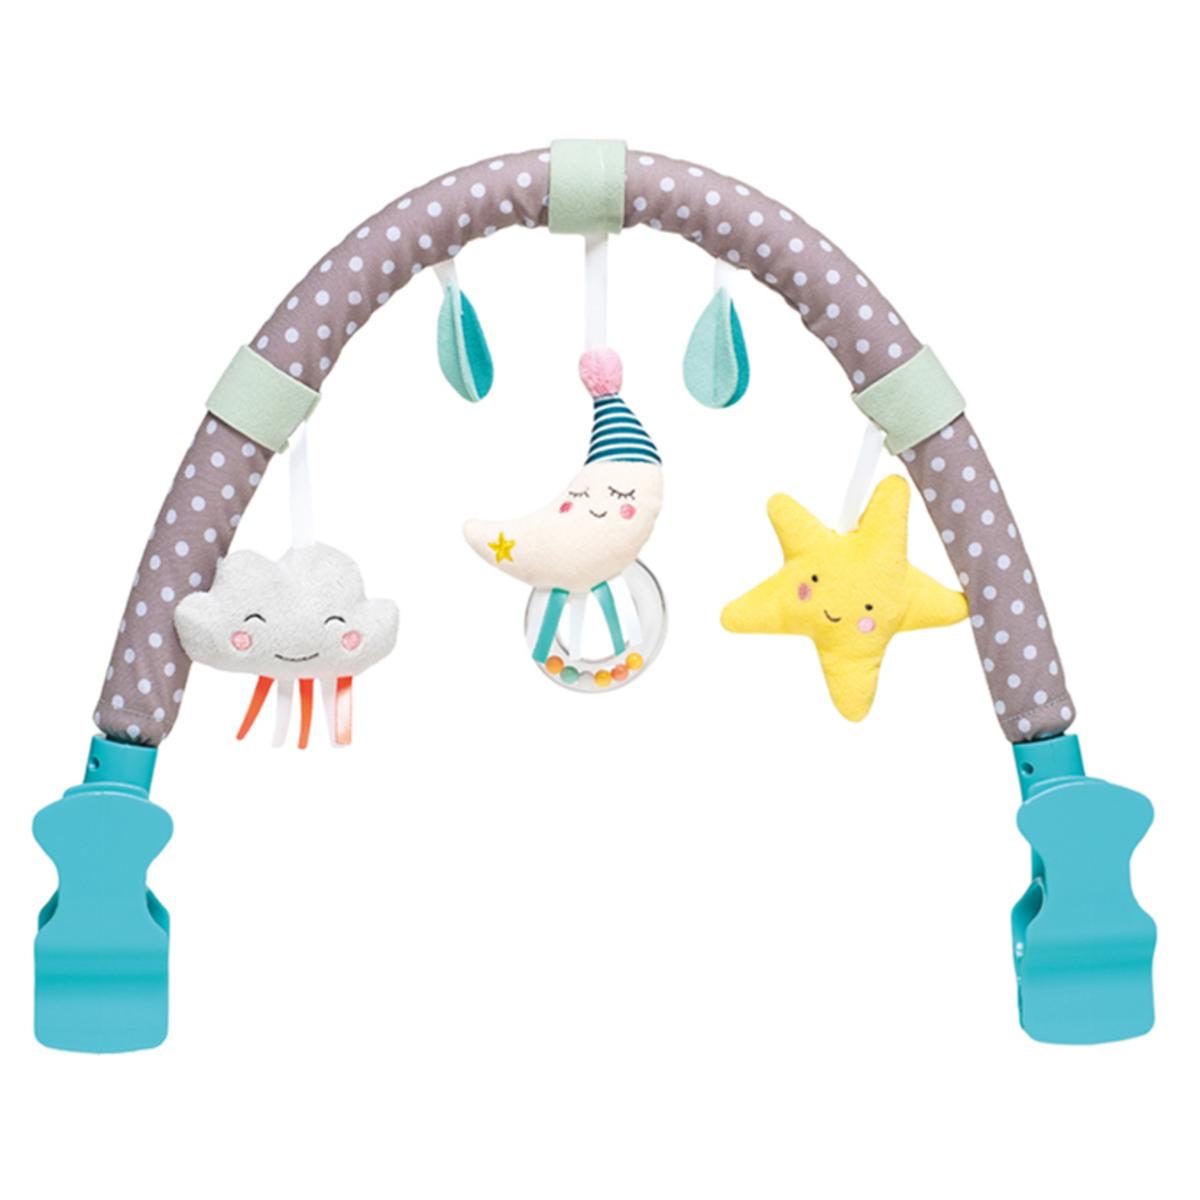 Taf Toys Arche de Poussette Mini Lune - Accessoires poussette Taf